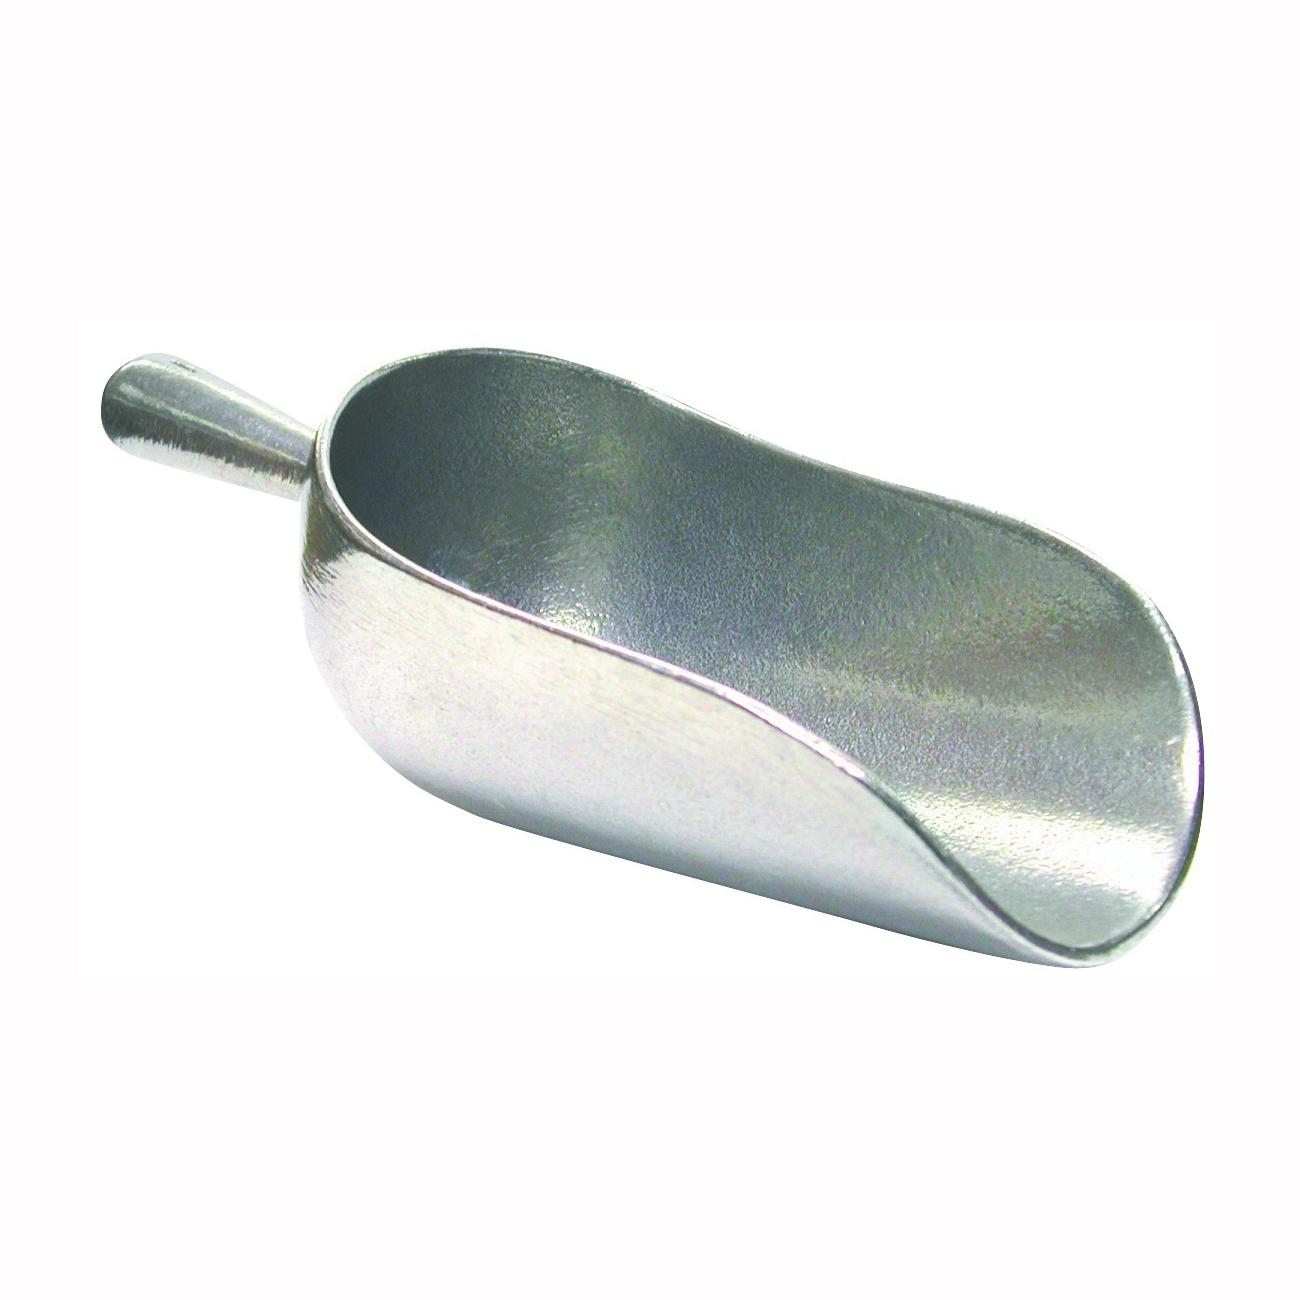 Picture of NORPRO 9002 Scoop, 11 in L, Die-Cast Aluminum